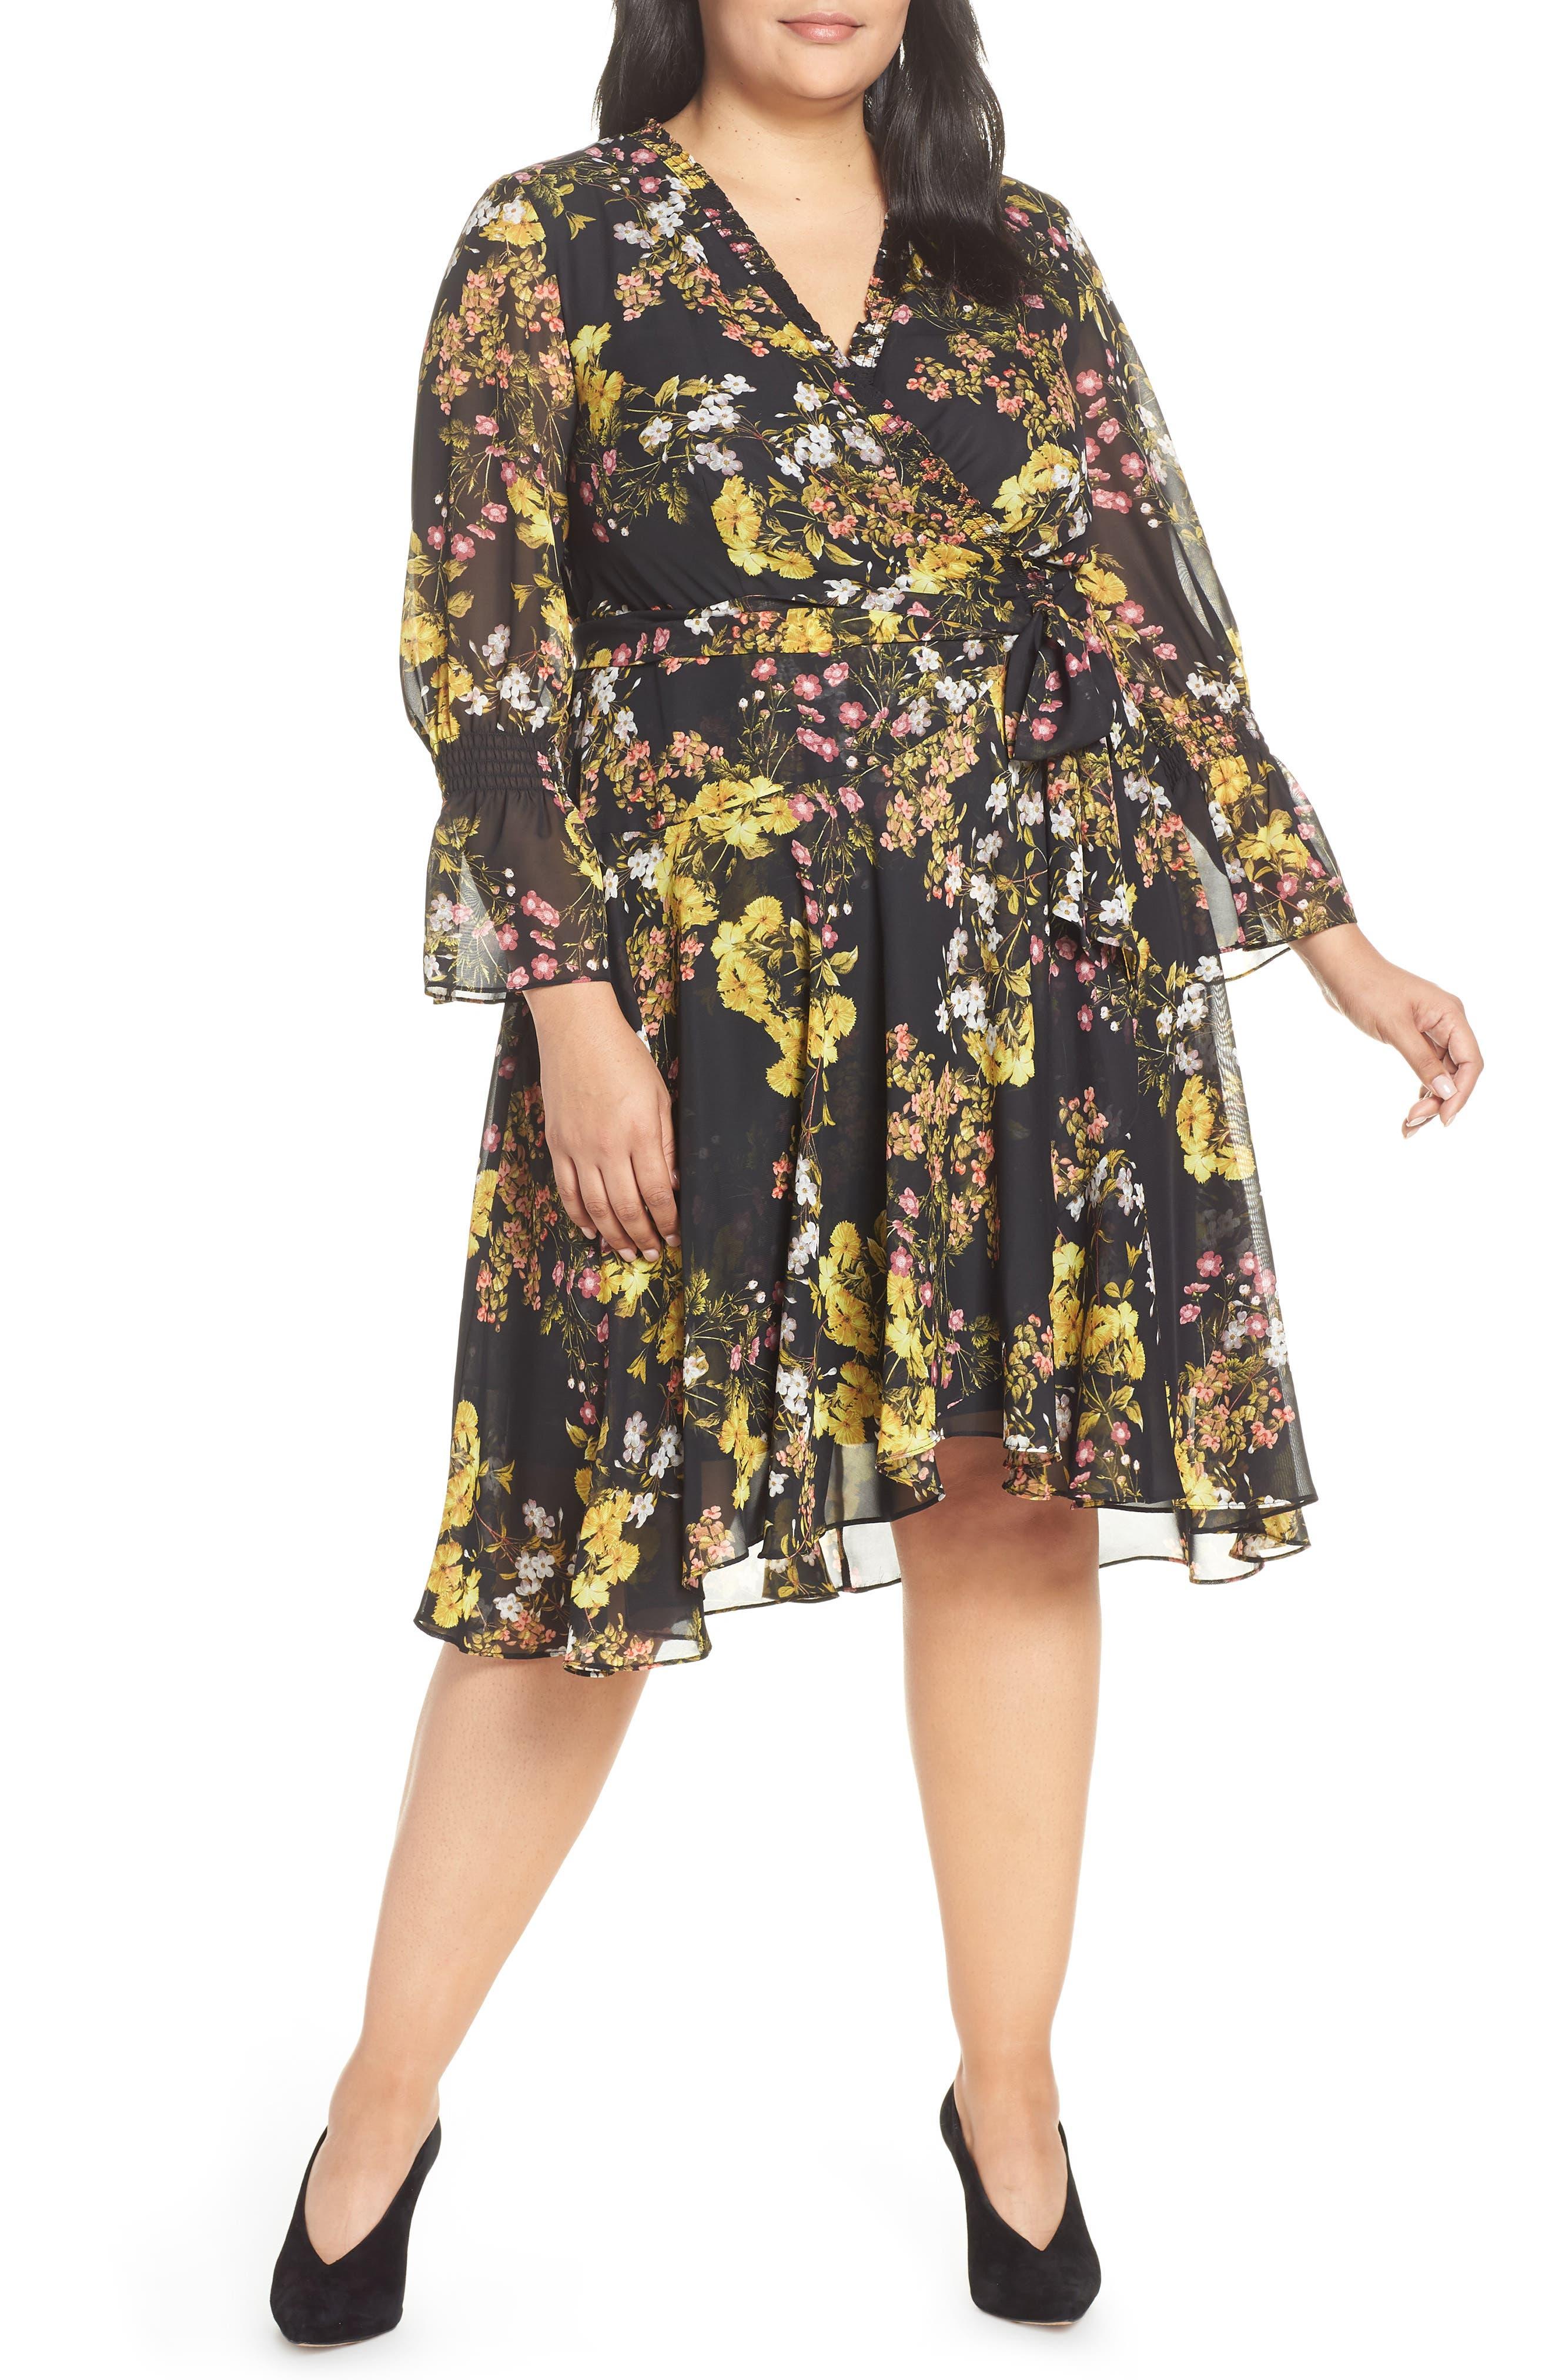 ac9f48487e9c Plus Size Tahari Chiffon Tie Waist Dress